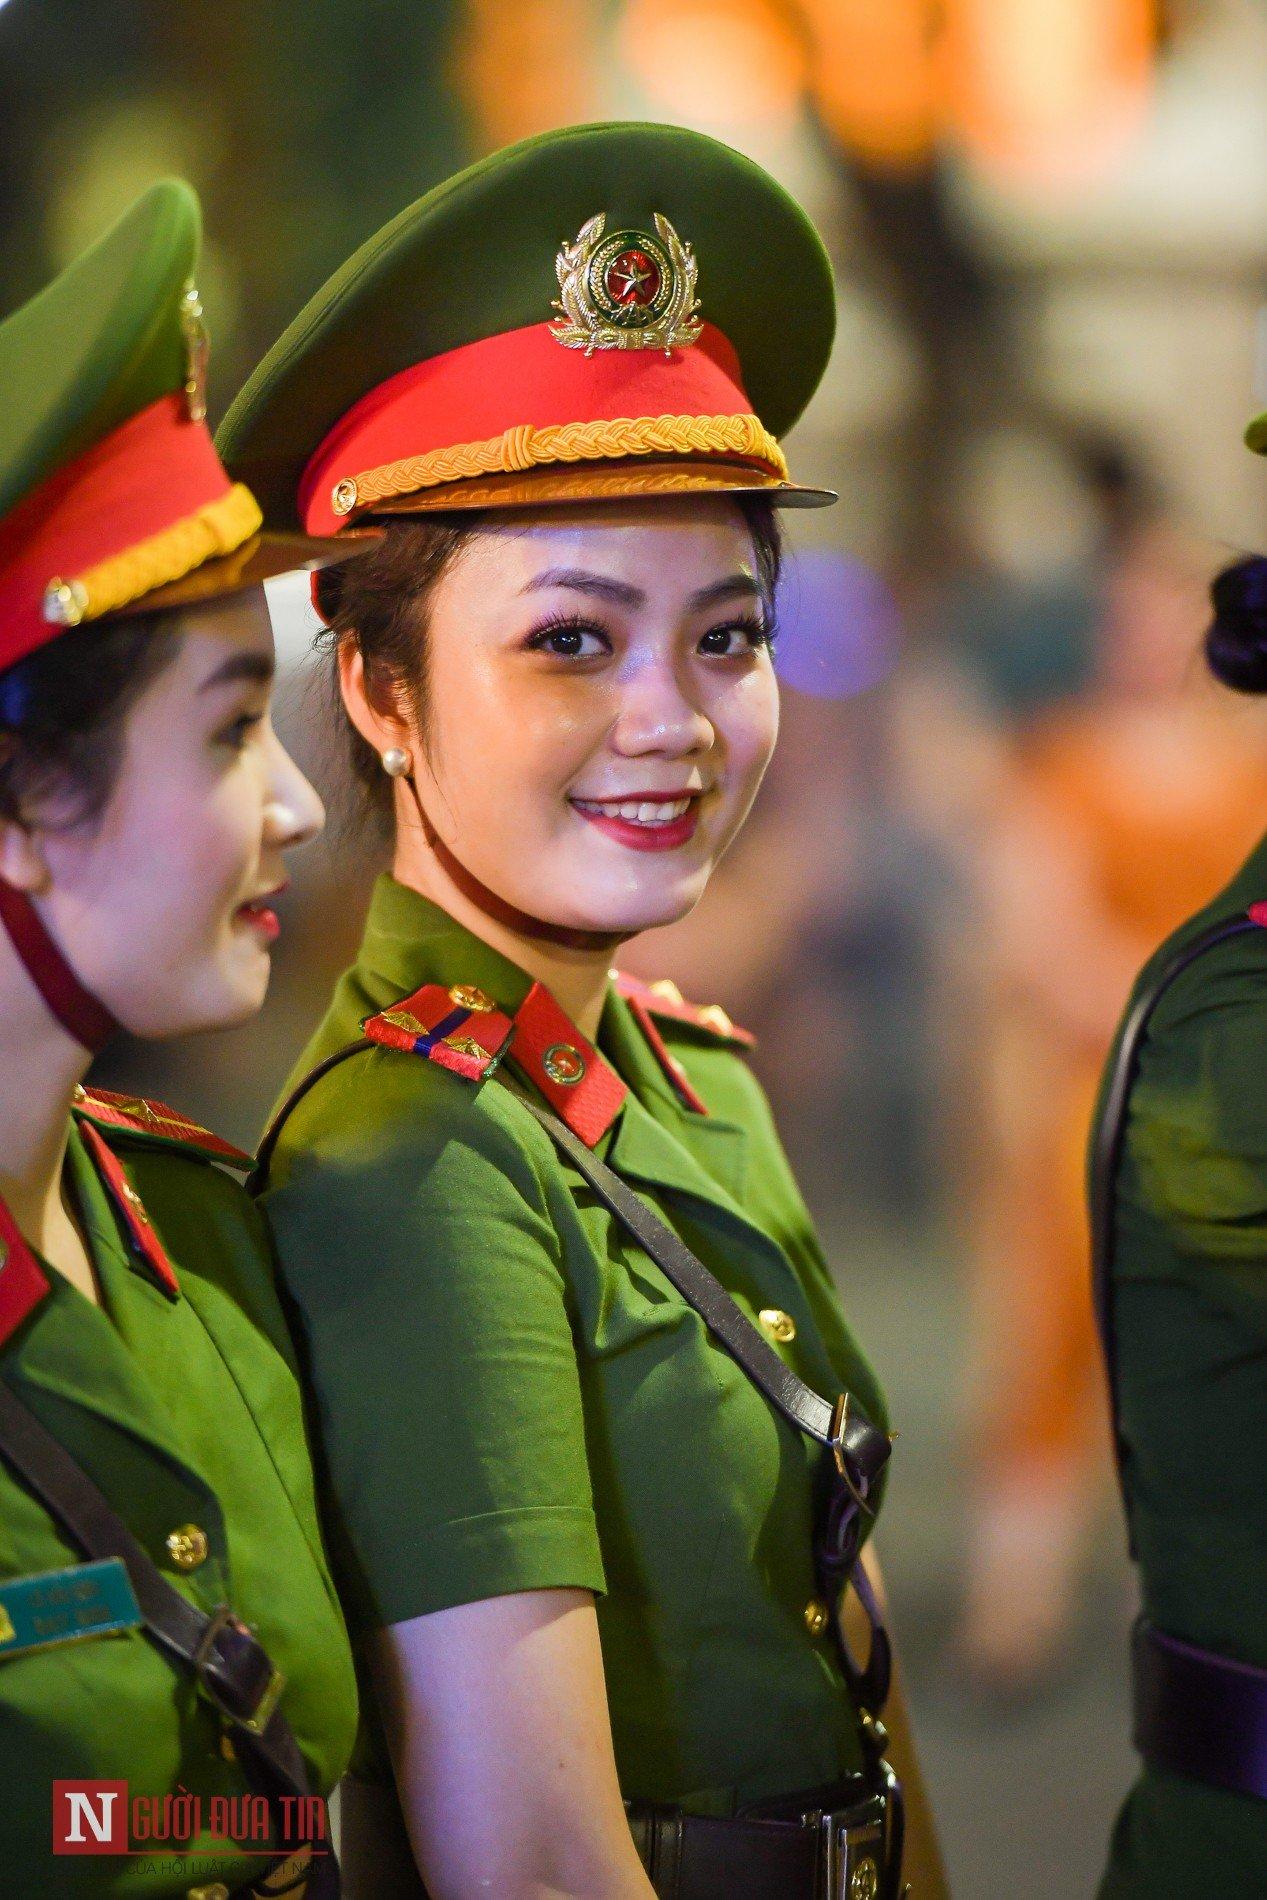 Ngất ngây nhan sắc nữ chiến sĩ Đoàn nghi lễ Bộ Công An 10